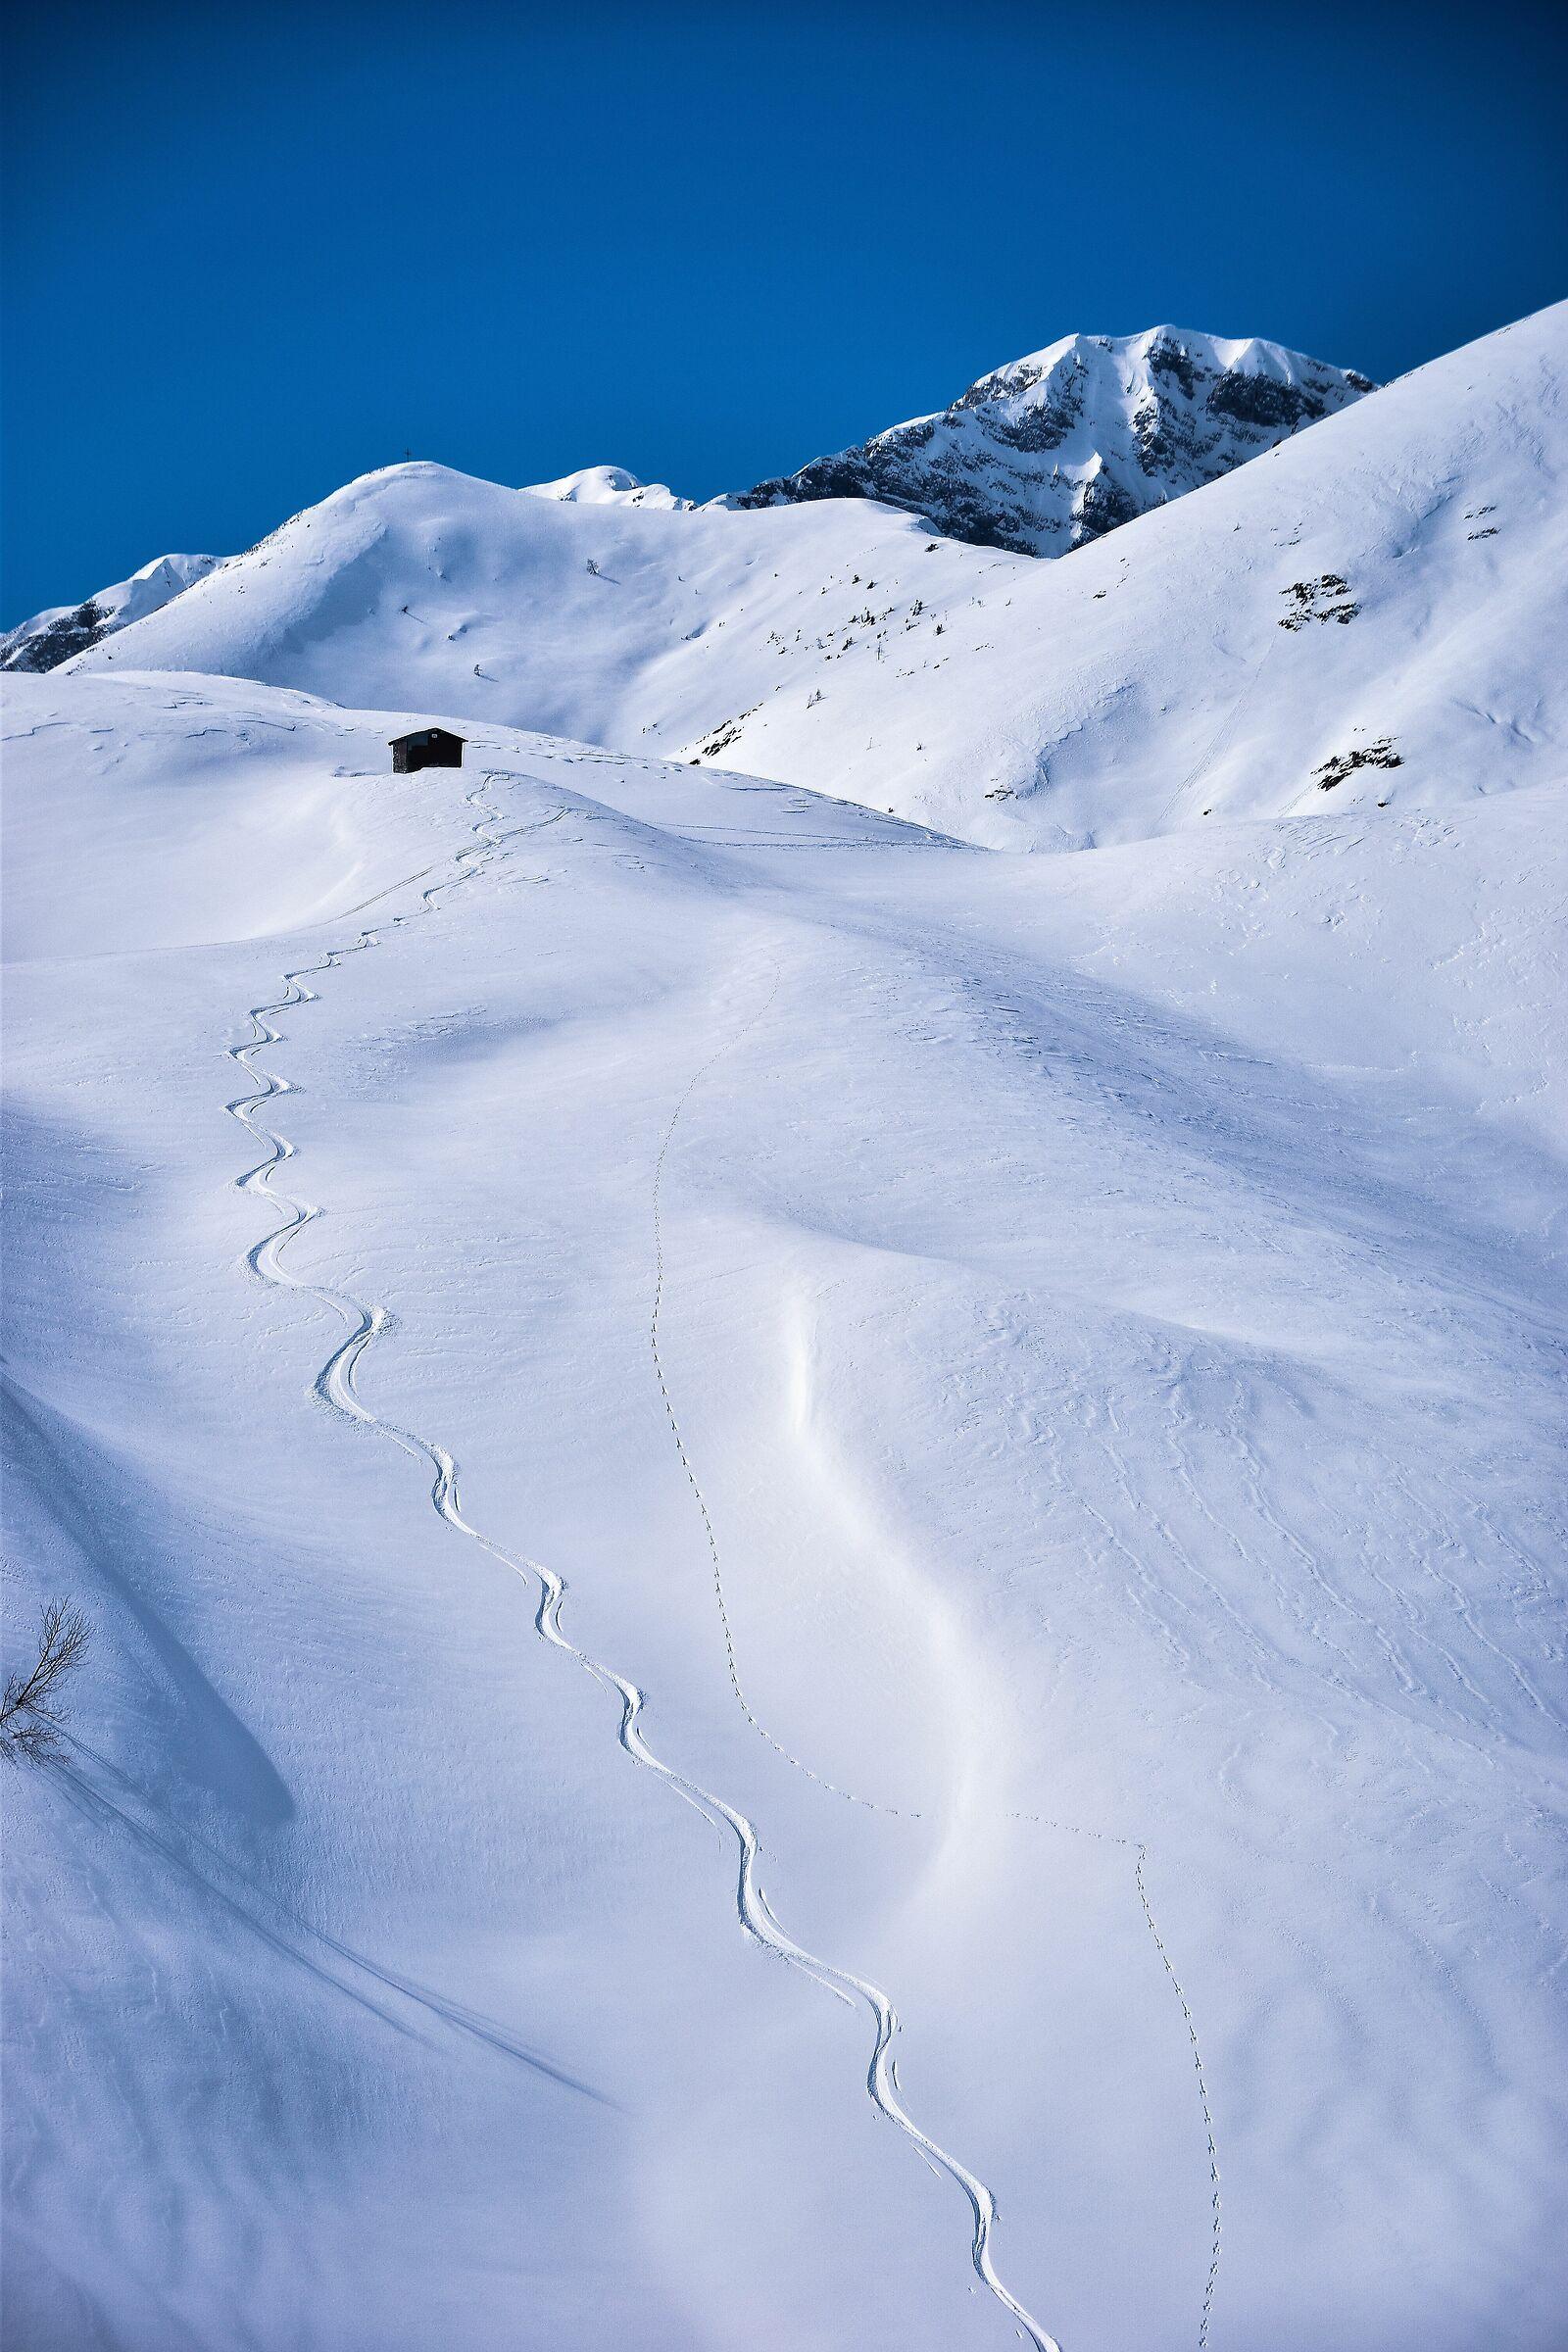 Tracce di alpinisti...